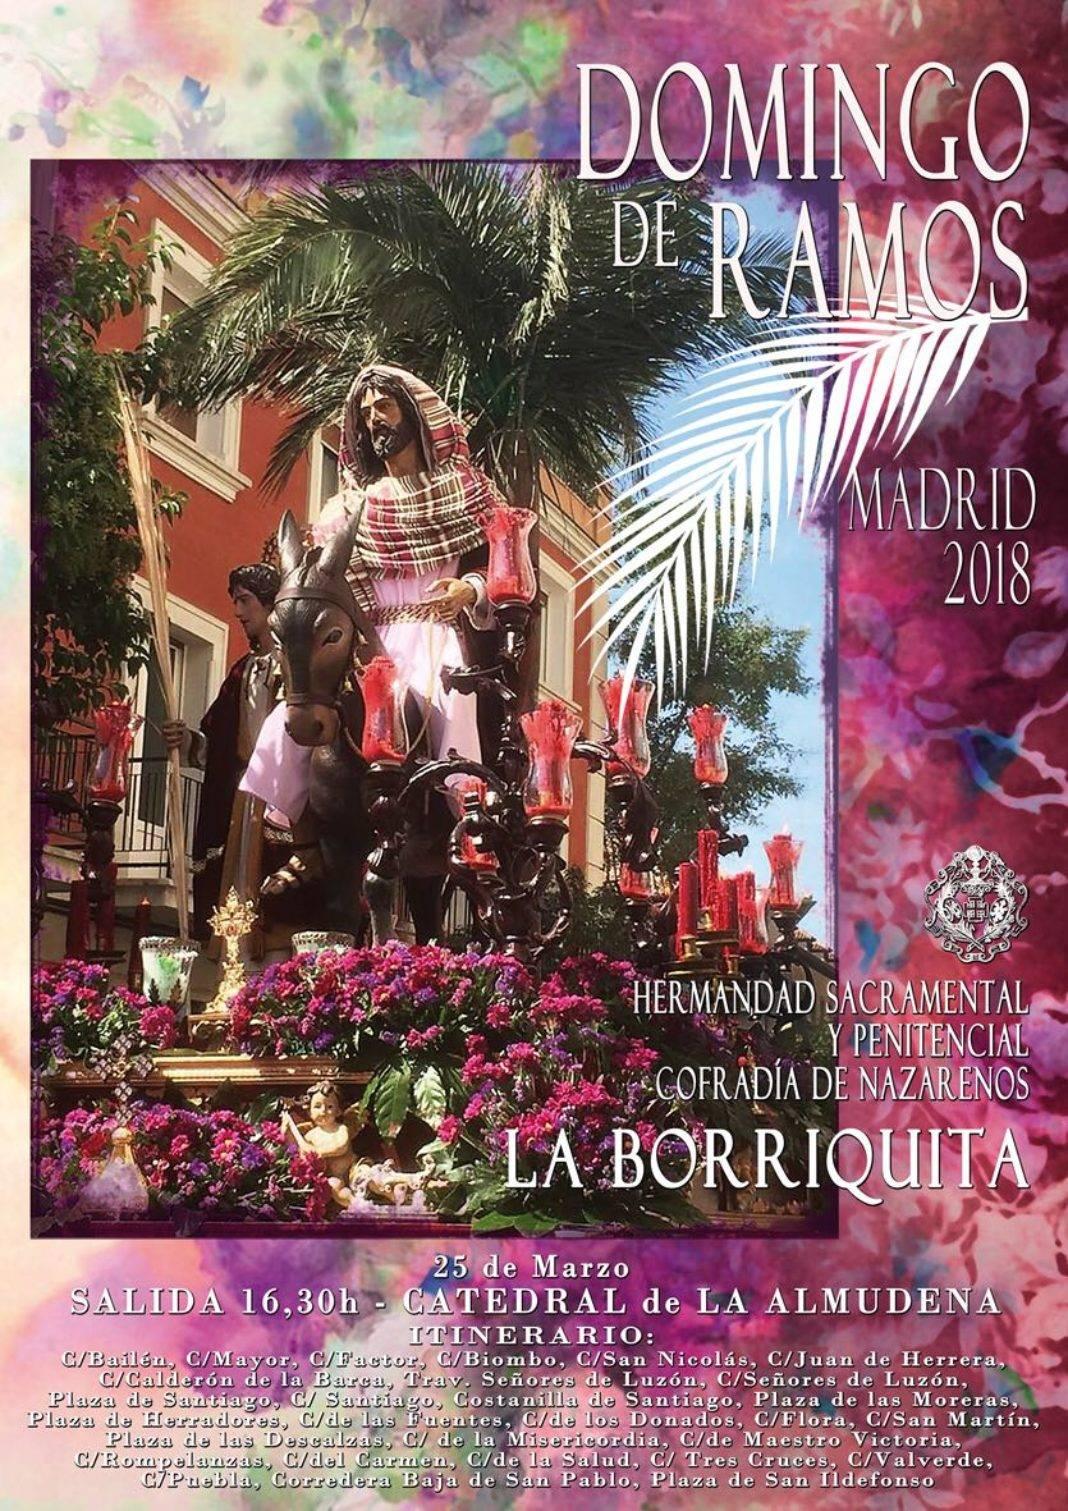 cartel del domingo de ramos de madrid 2018 obra de rafael garrigos 1068x1511 - Rafael Garrigós realiza el cartel de La Borriquita de Madrid